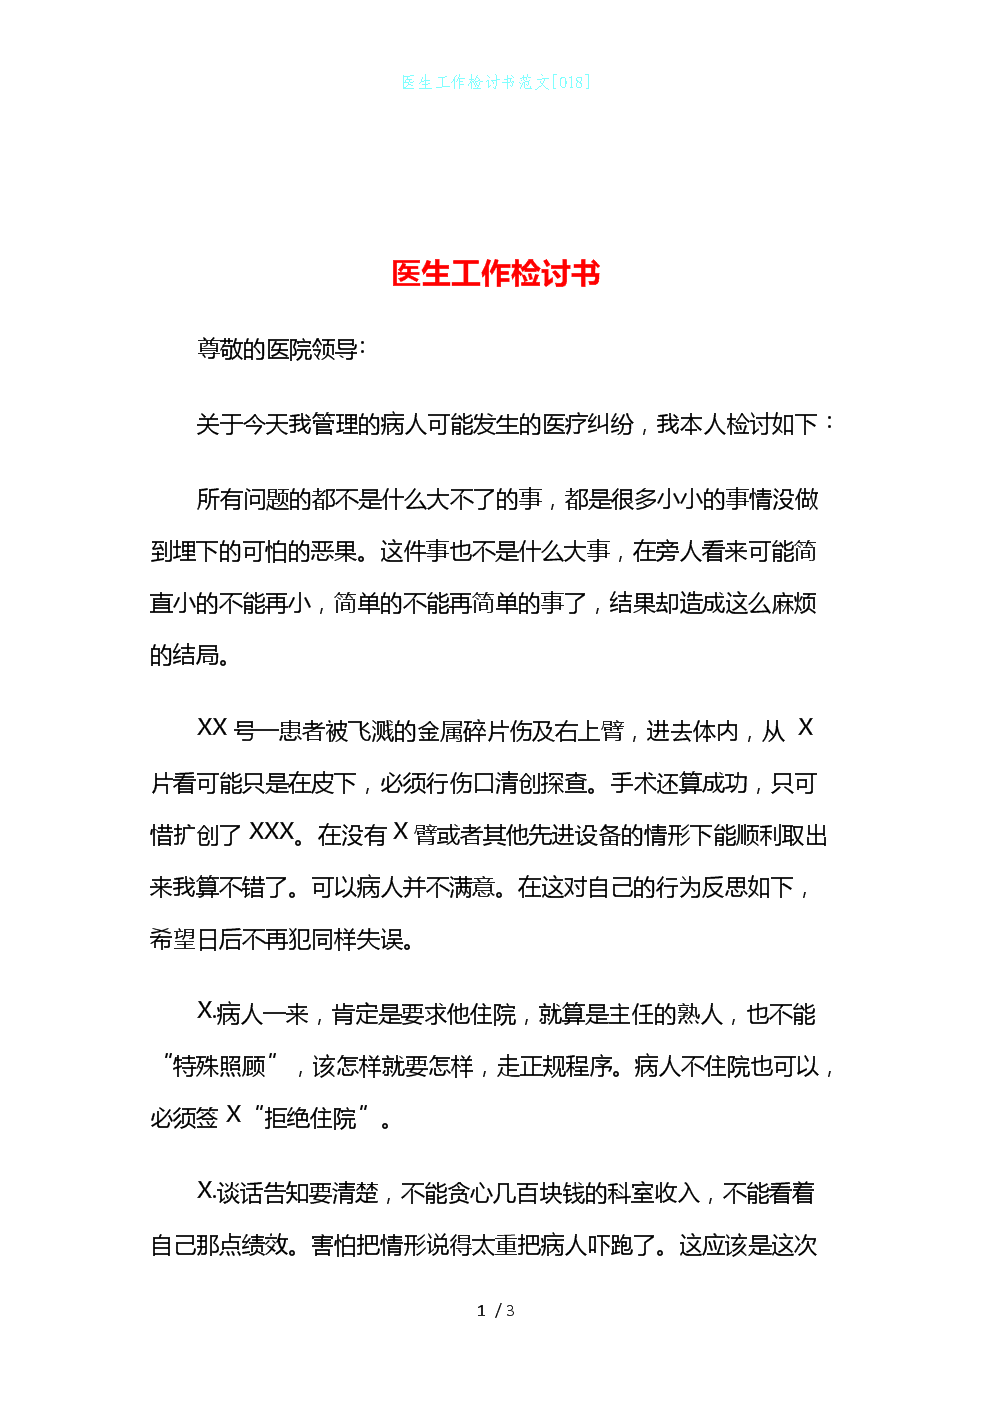 医生工作检讨书范文[018].docx